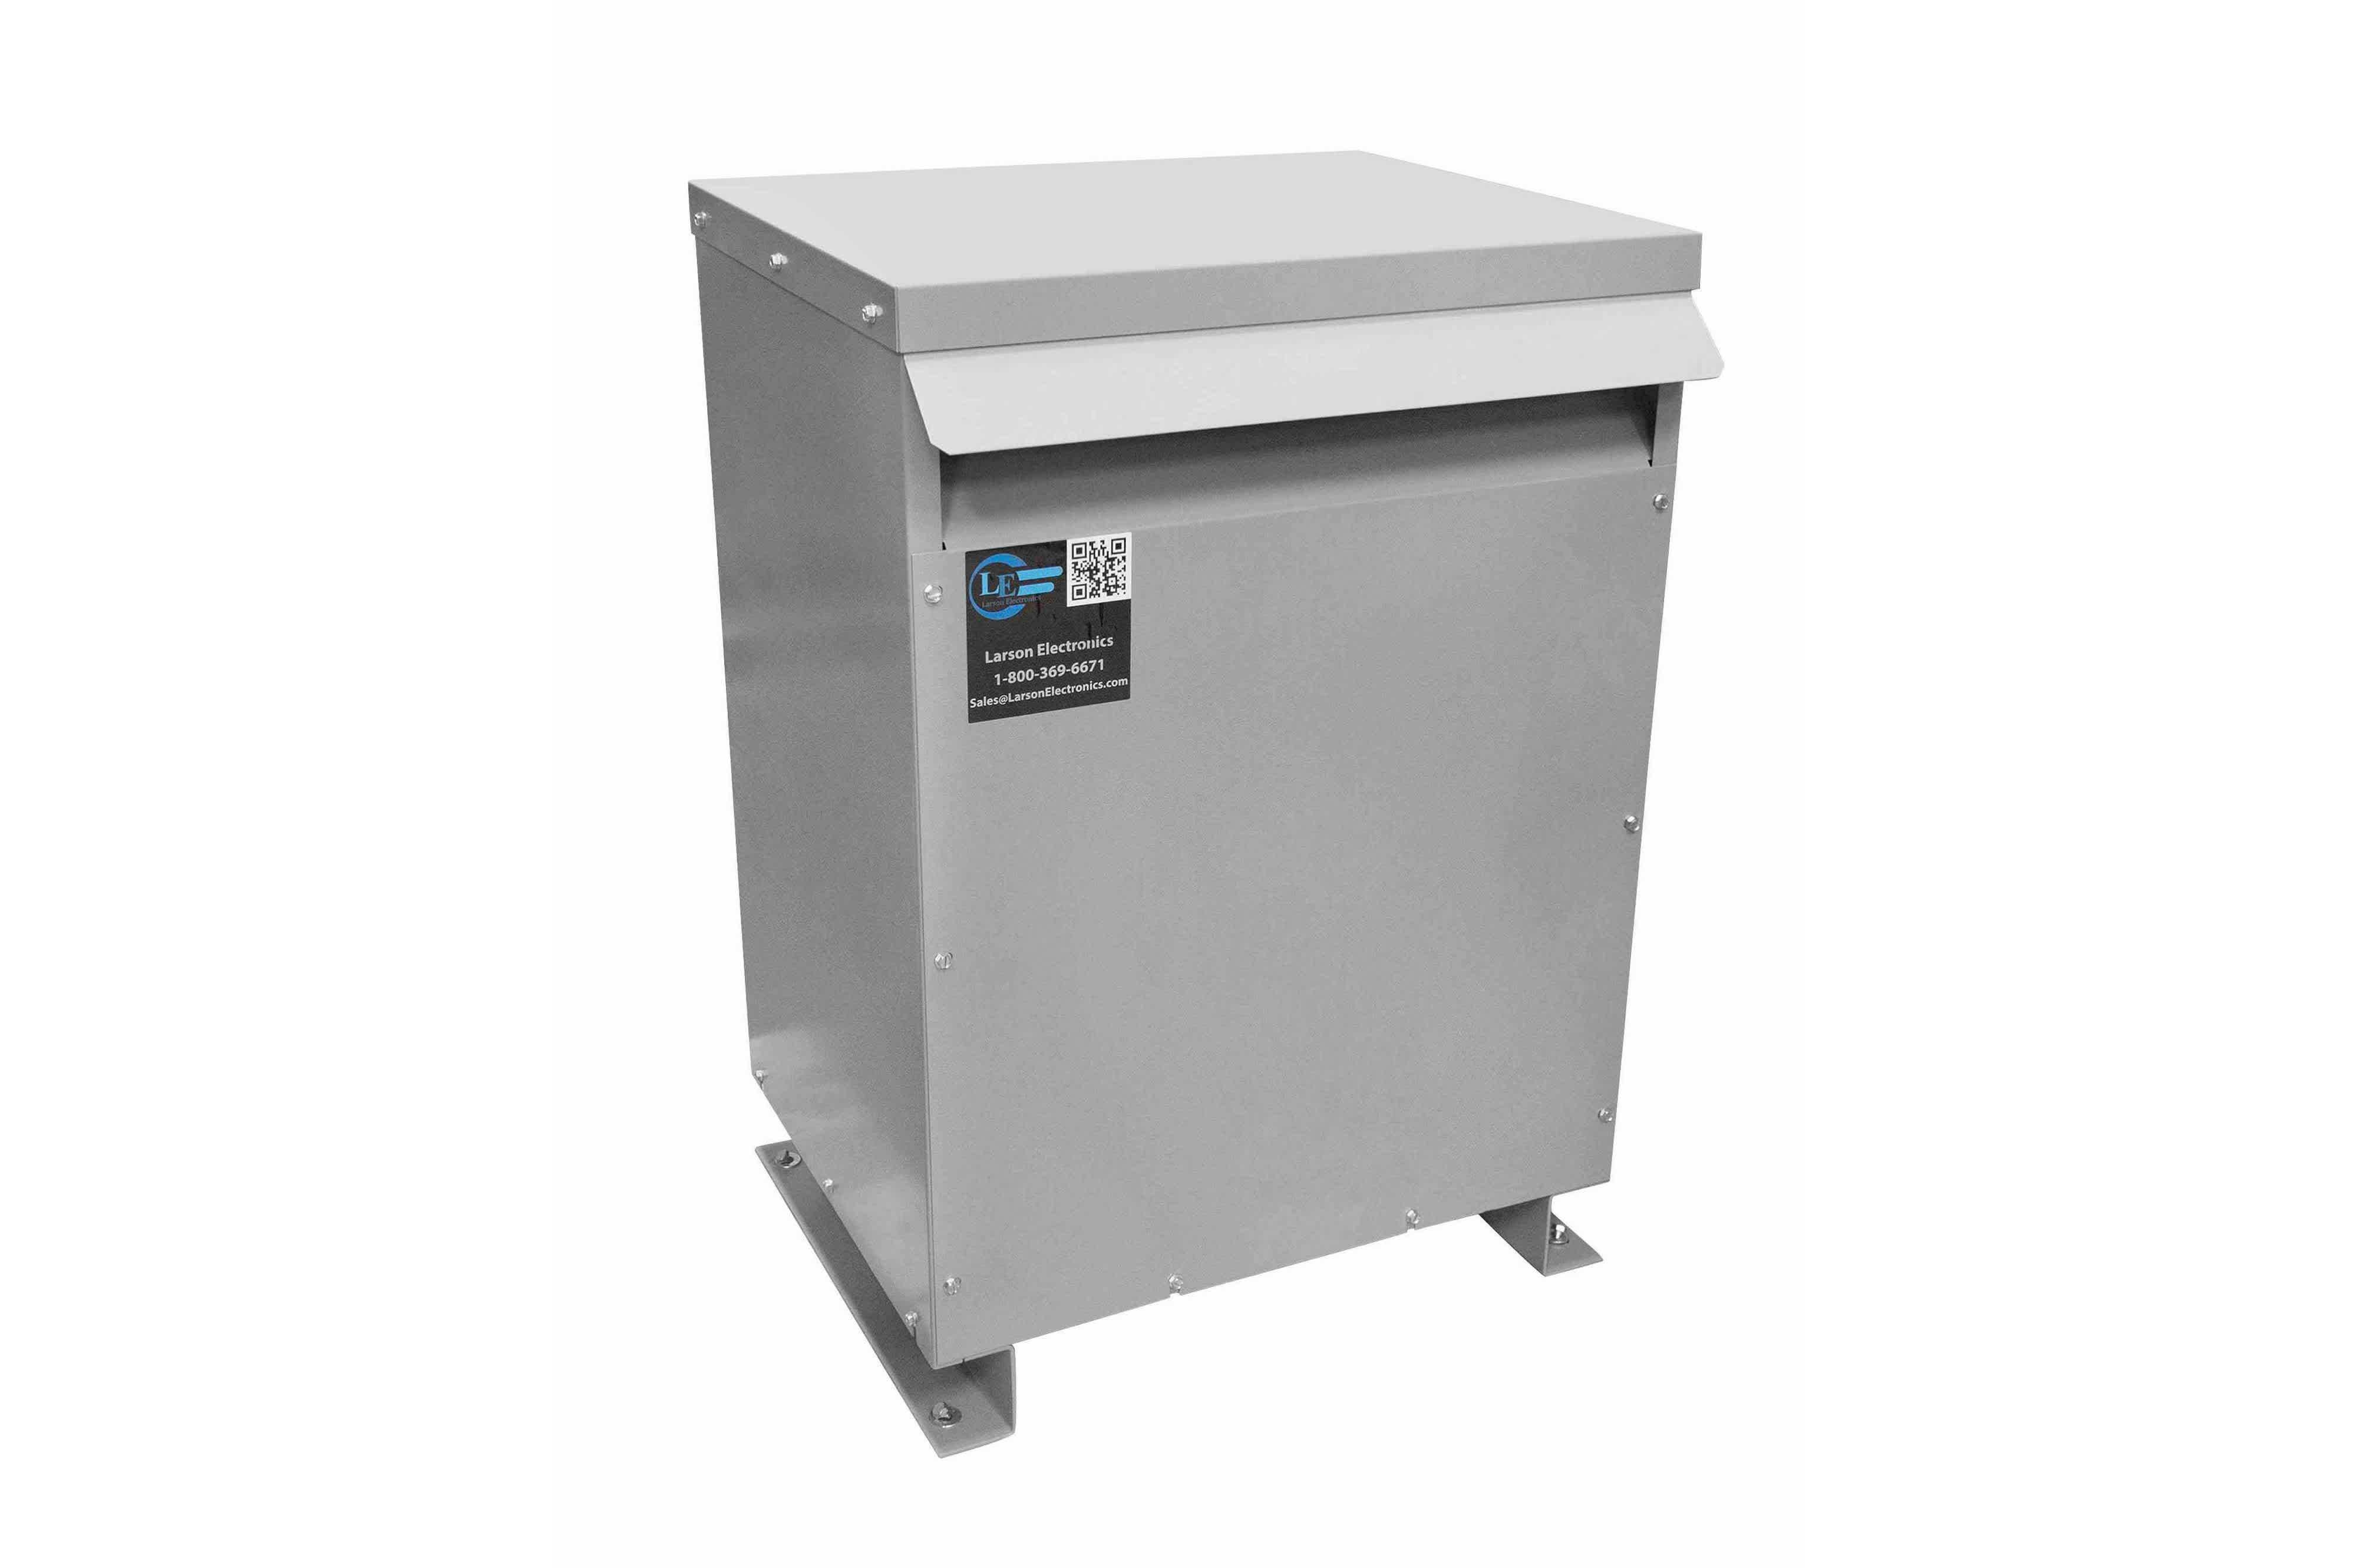 55 kVA 3PH Isolation Transformer, 480V Delta Primary, 400V Delta Secondary, N3R, Ventilated, 60 Hz